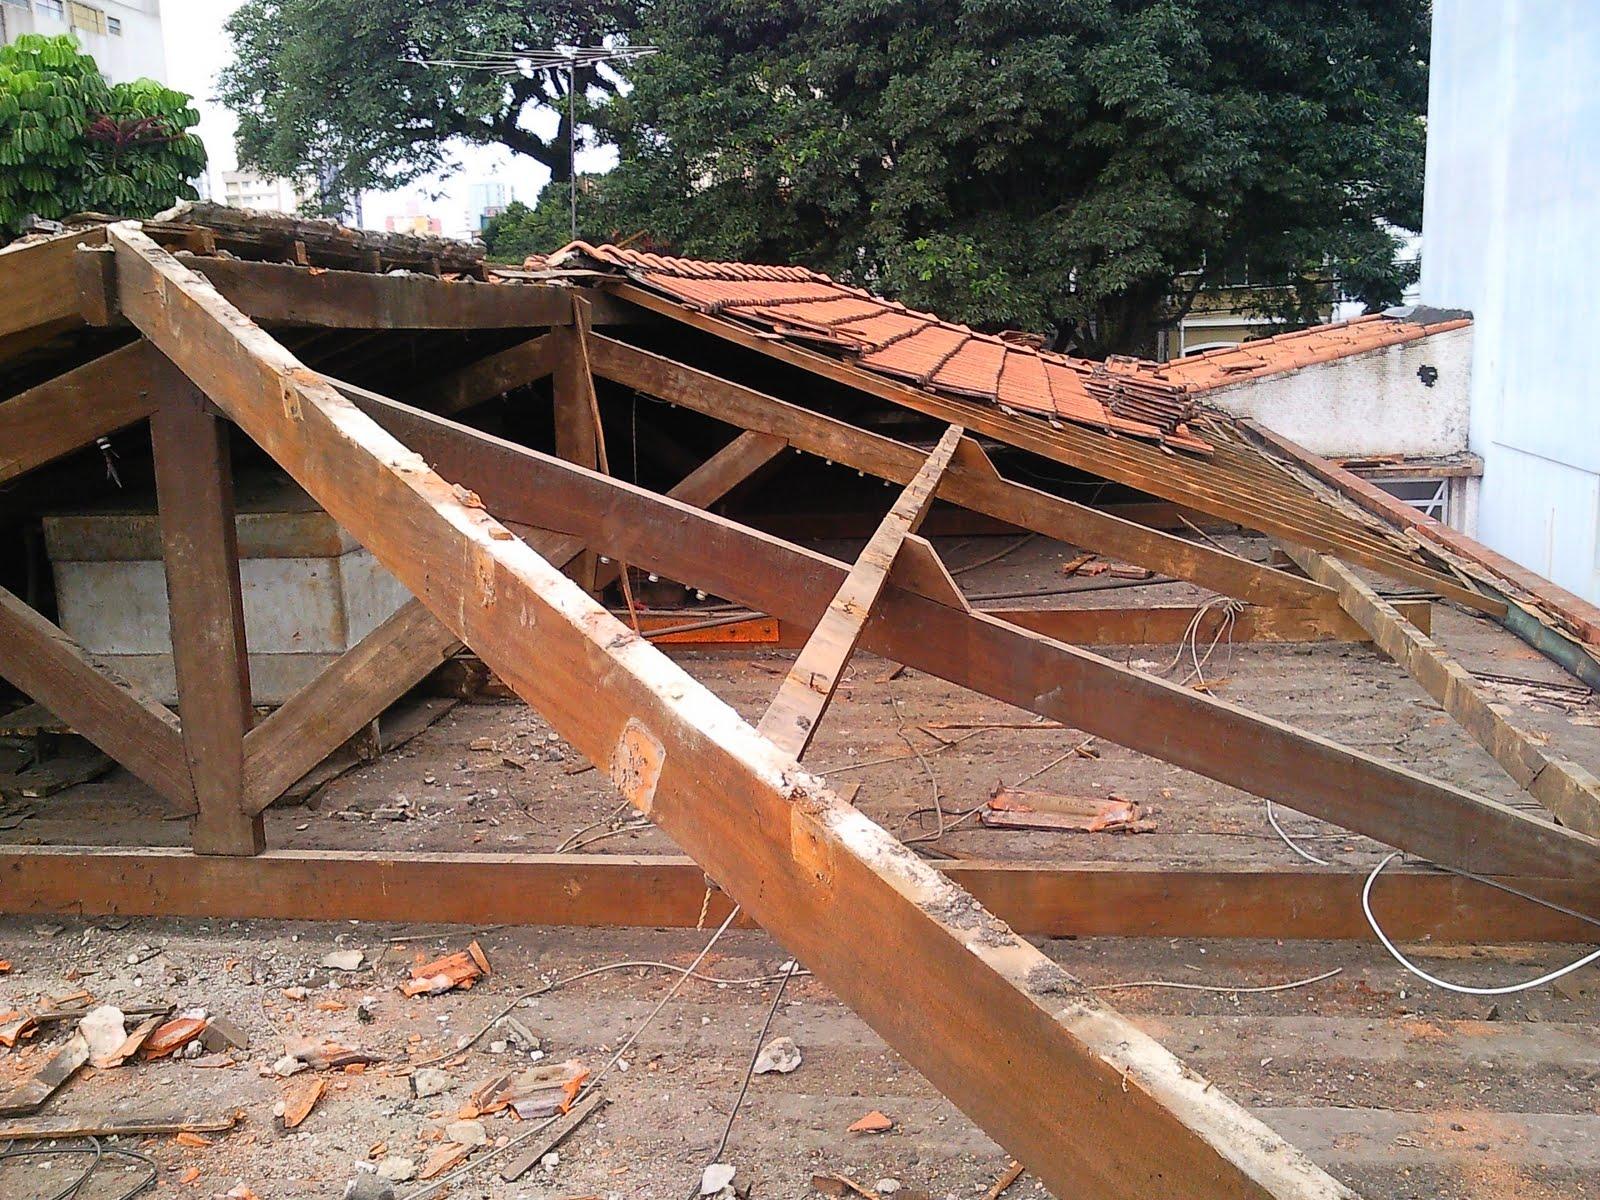 Engenharia e Construções: Vigas de Peroba Madeira de Demolição #955736 1600x1200